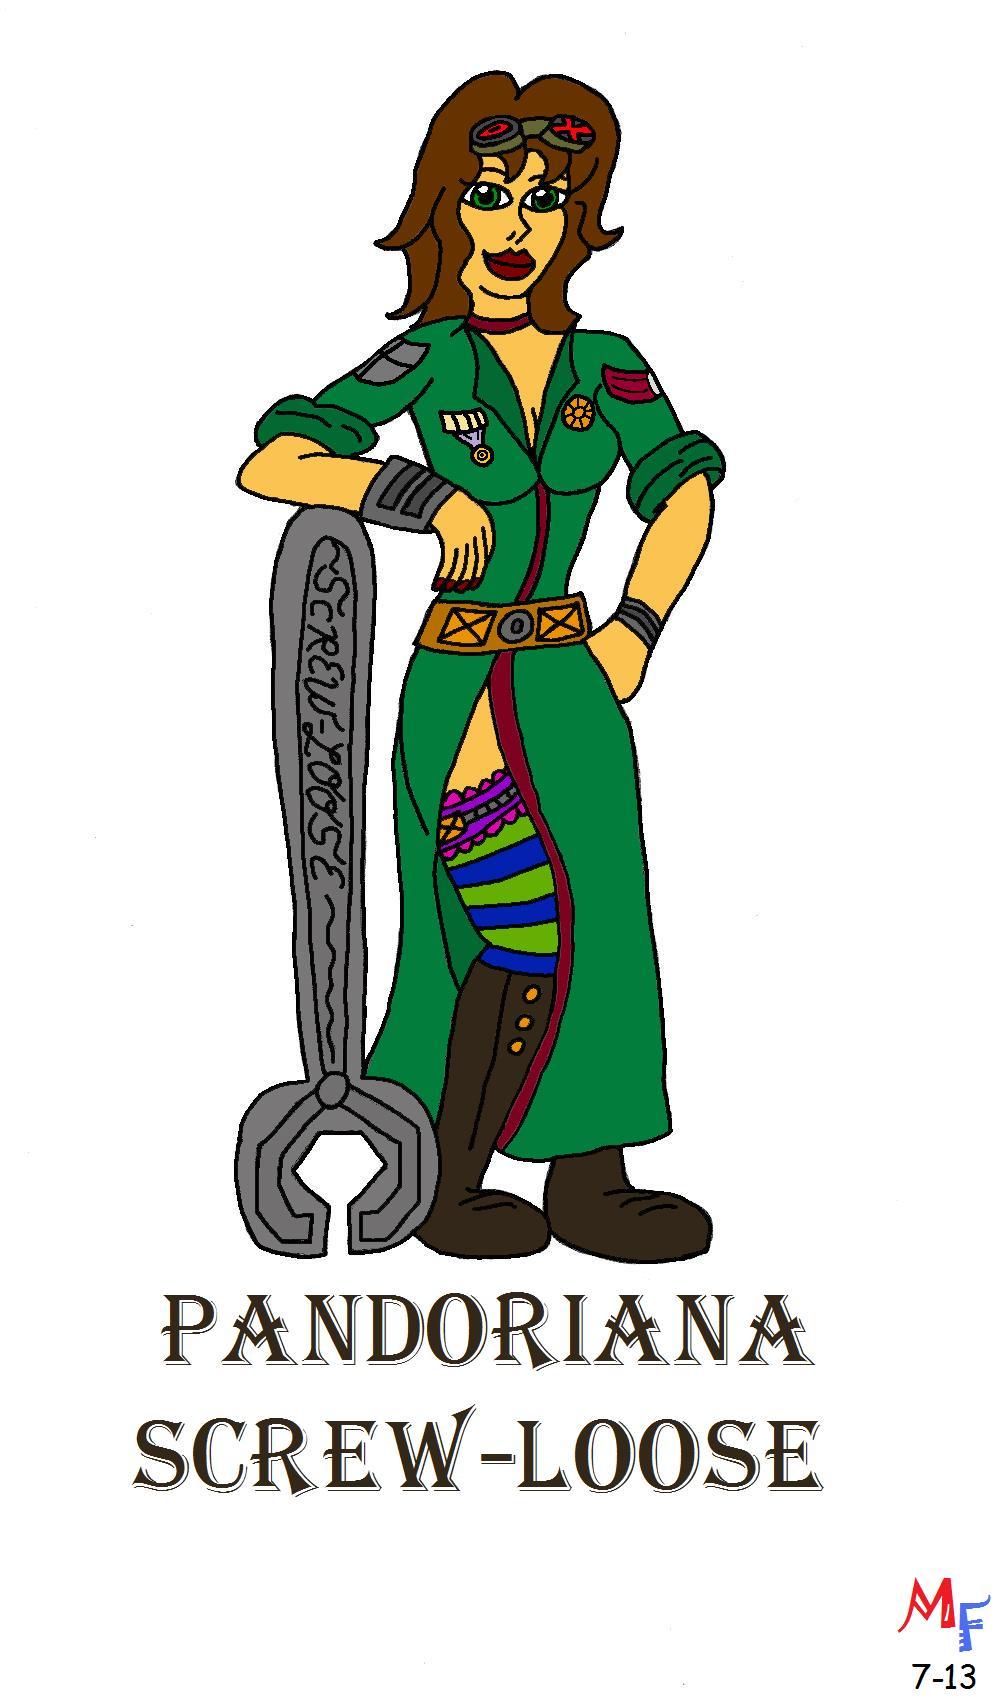 Pandoriana Screw-Loose